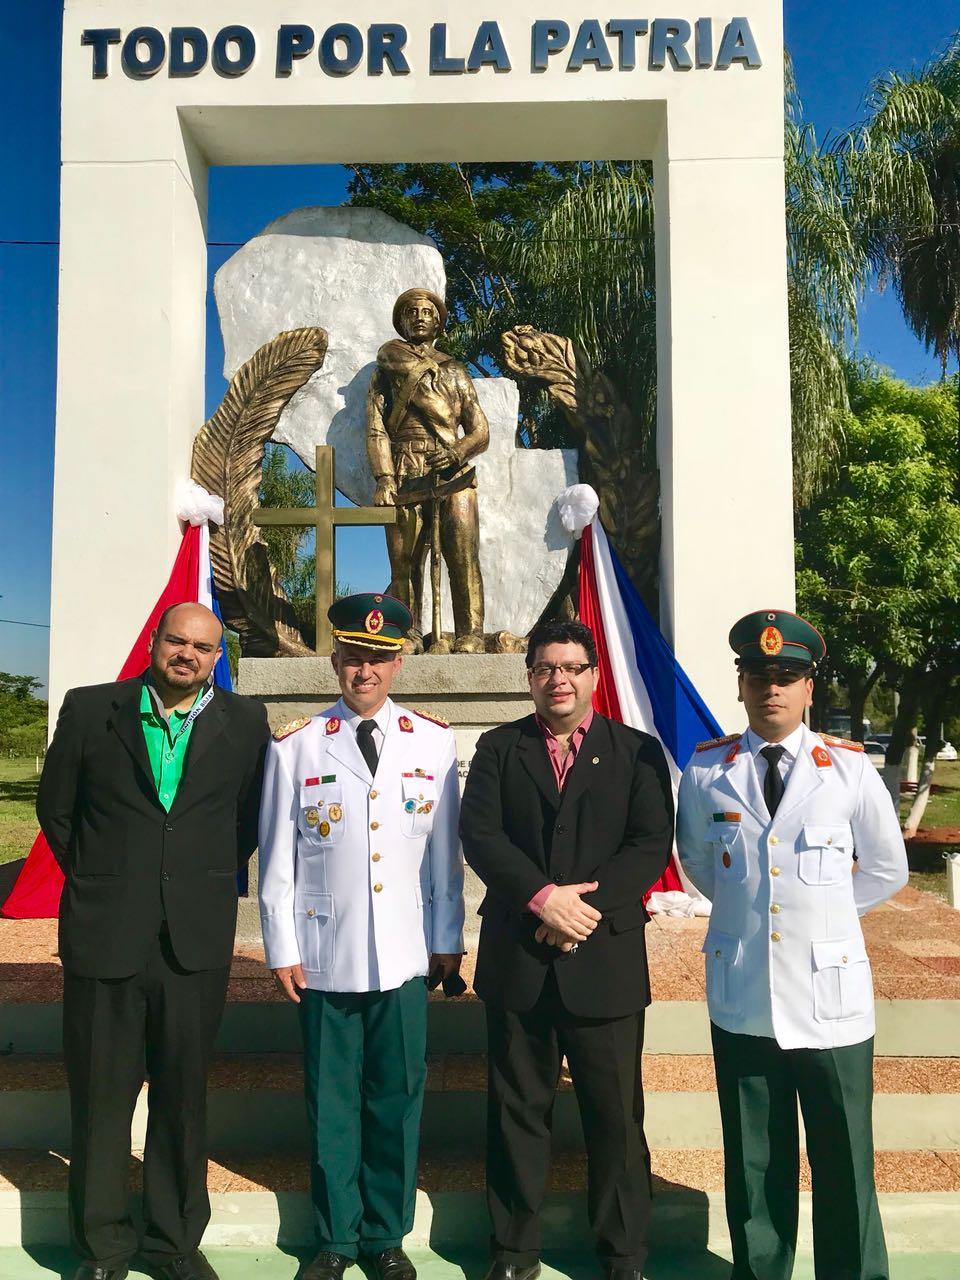 Miembros de la Comisión Sesquicentenario son incorporados a academias internacionales. imagen